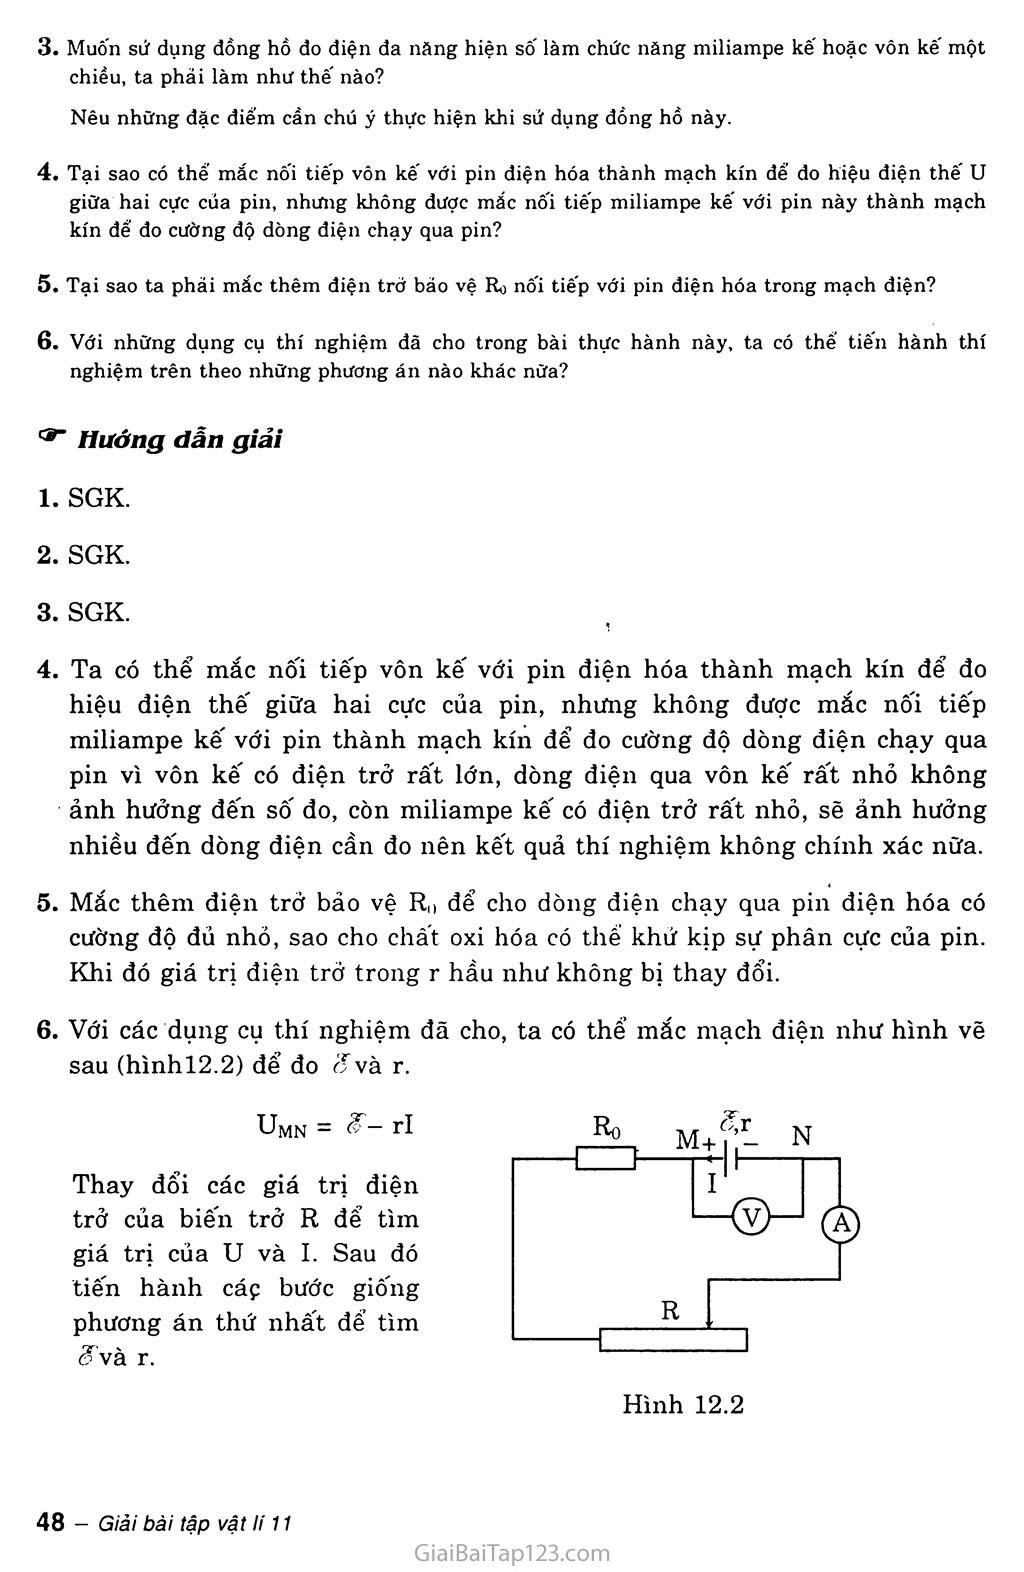 Bài 12: Thực hành: Xác định suất điện động và điện trở trong của một pin điện hóa trang 4